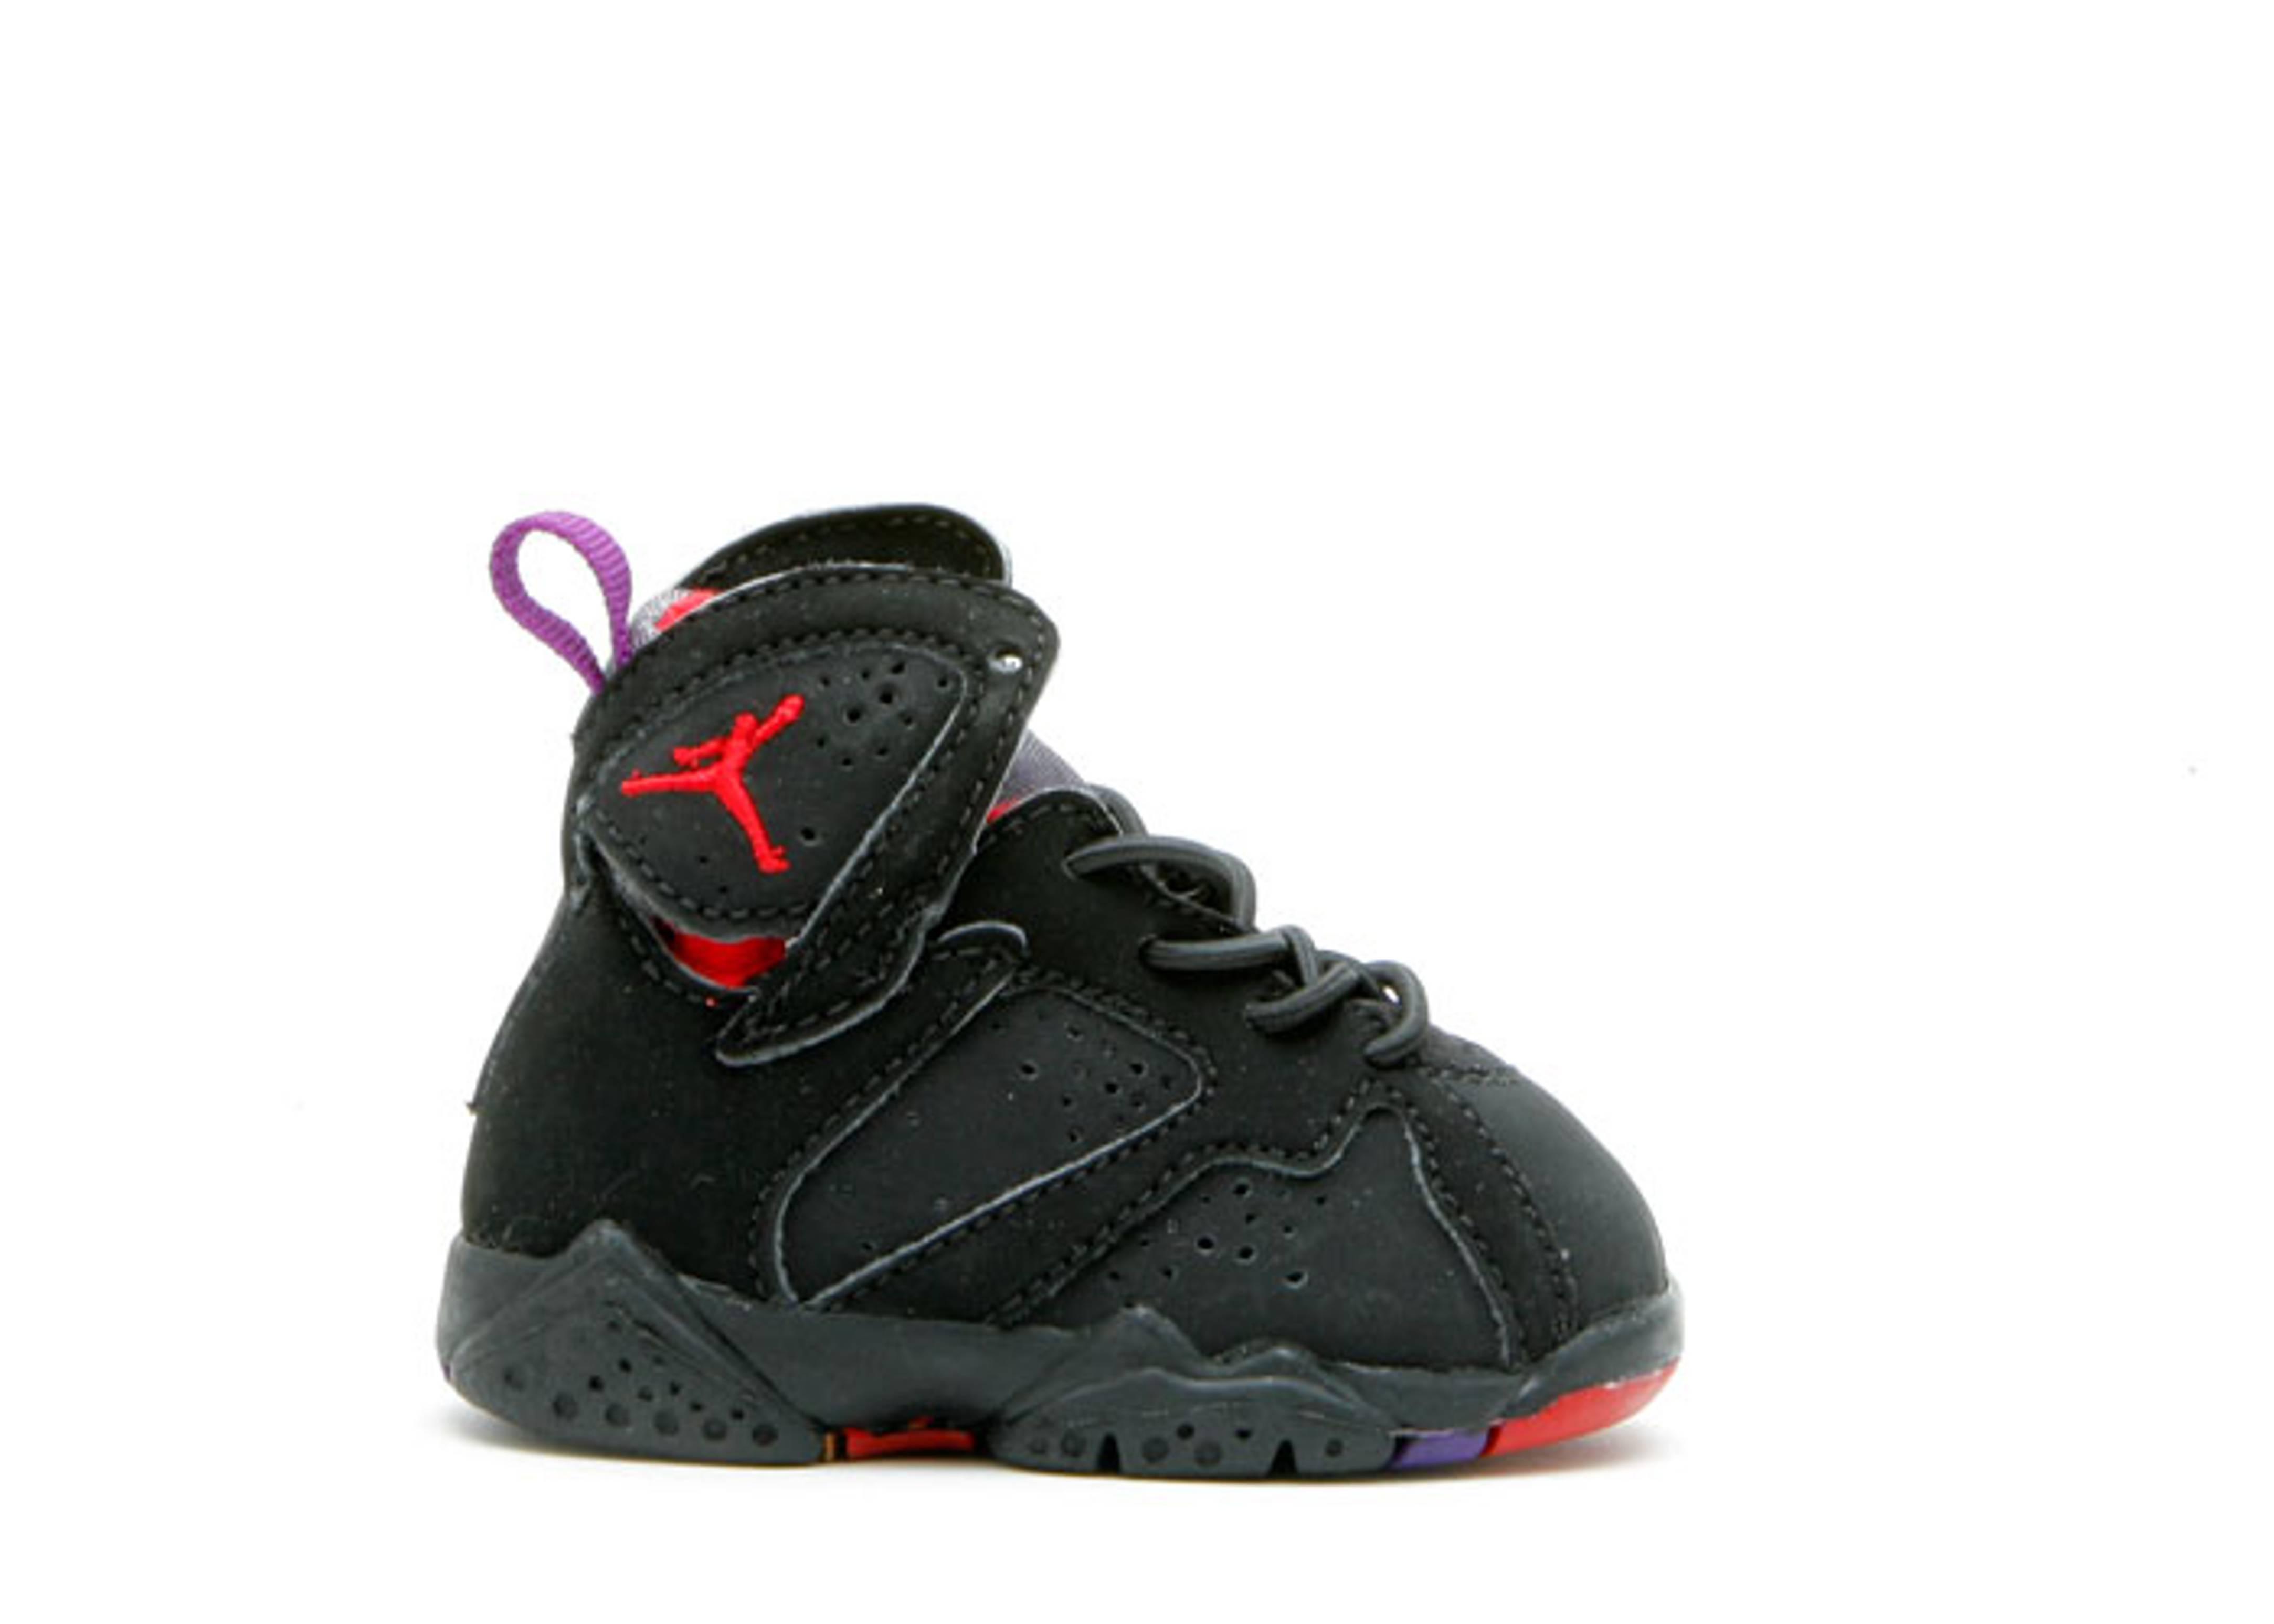 huge discount b05ee 9490d Baby Jordan 7 Retro - Air Jordan - 304772 006 - black/dark ...